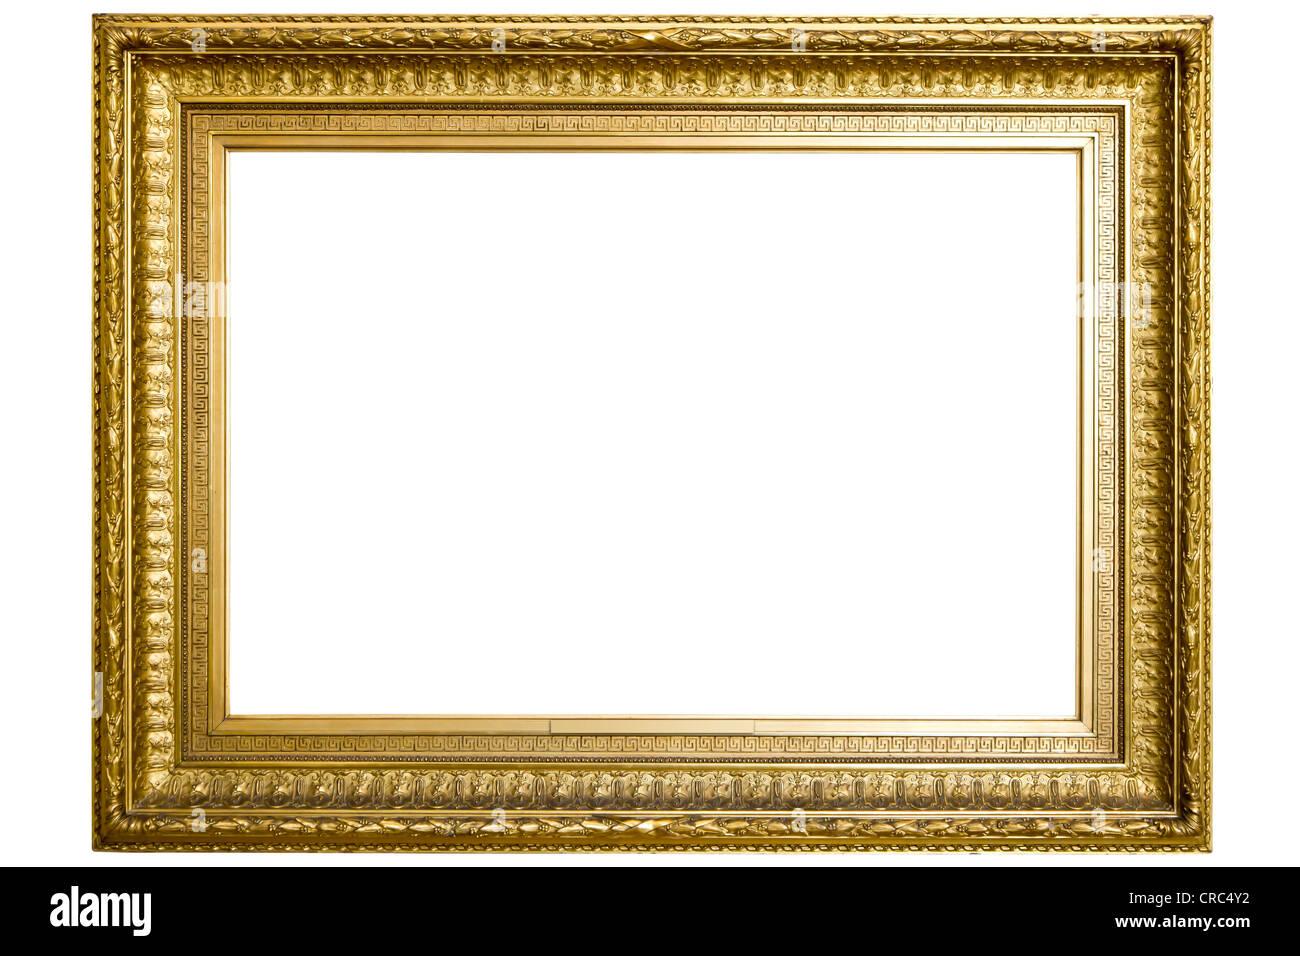 Gilt Frame Stock Photos & Gilt Frame Stock Images - Alamy